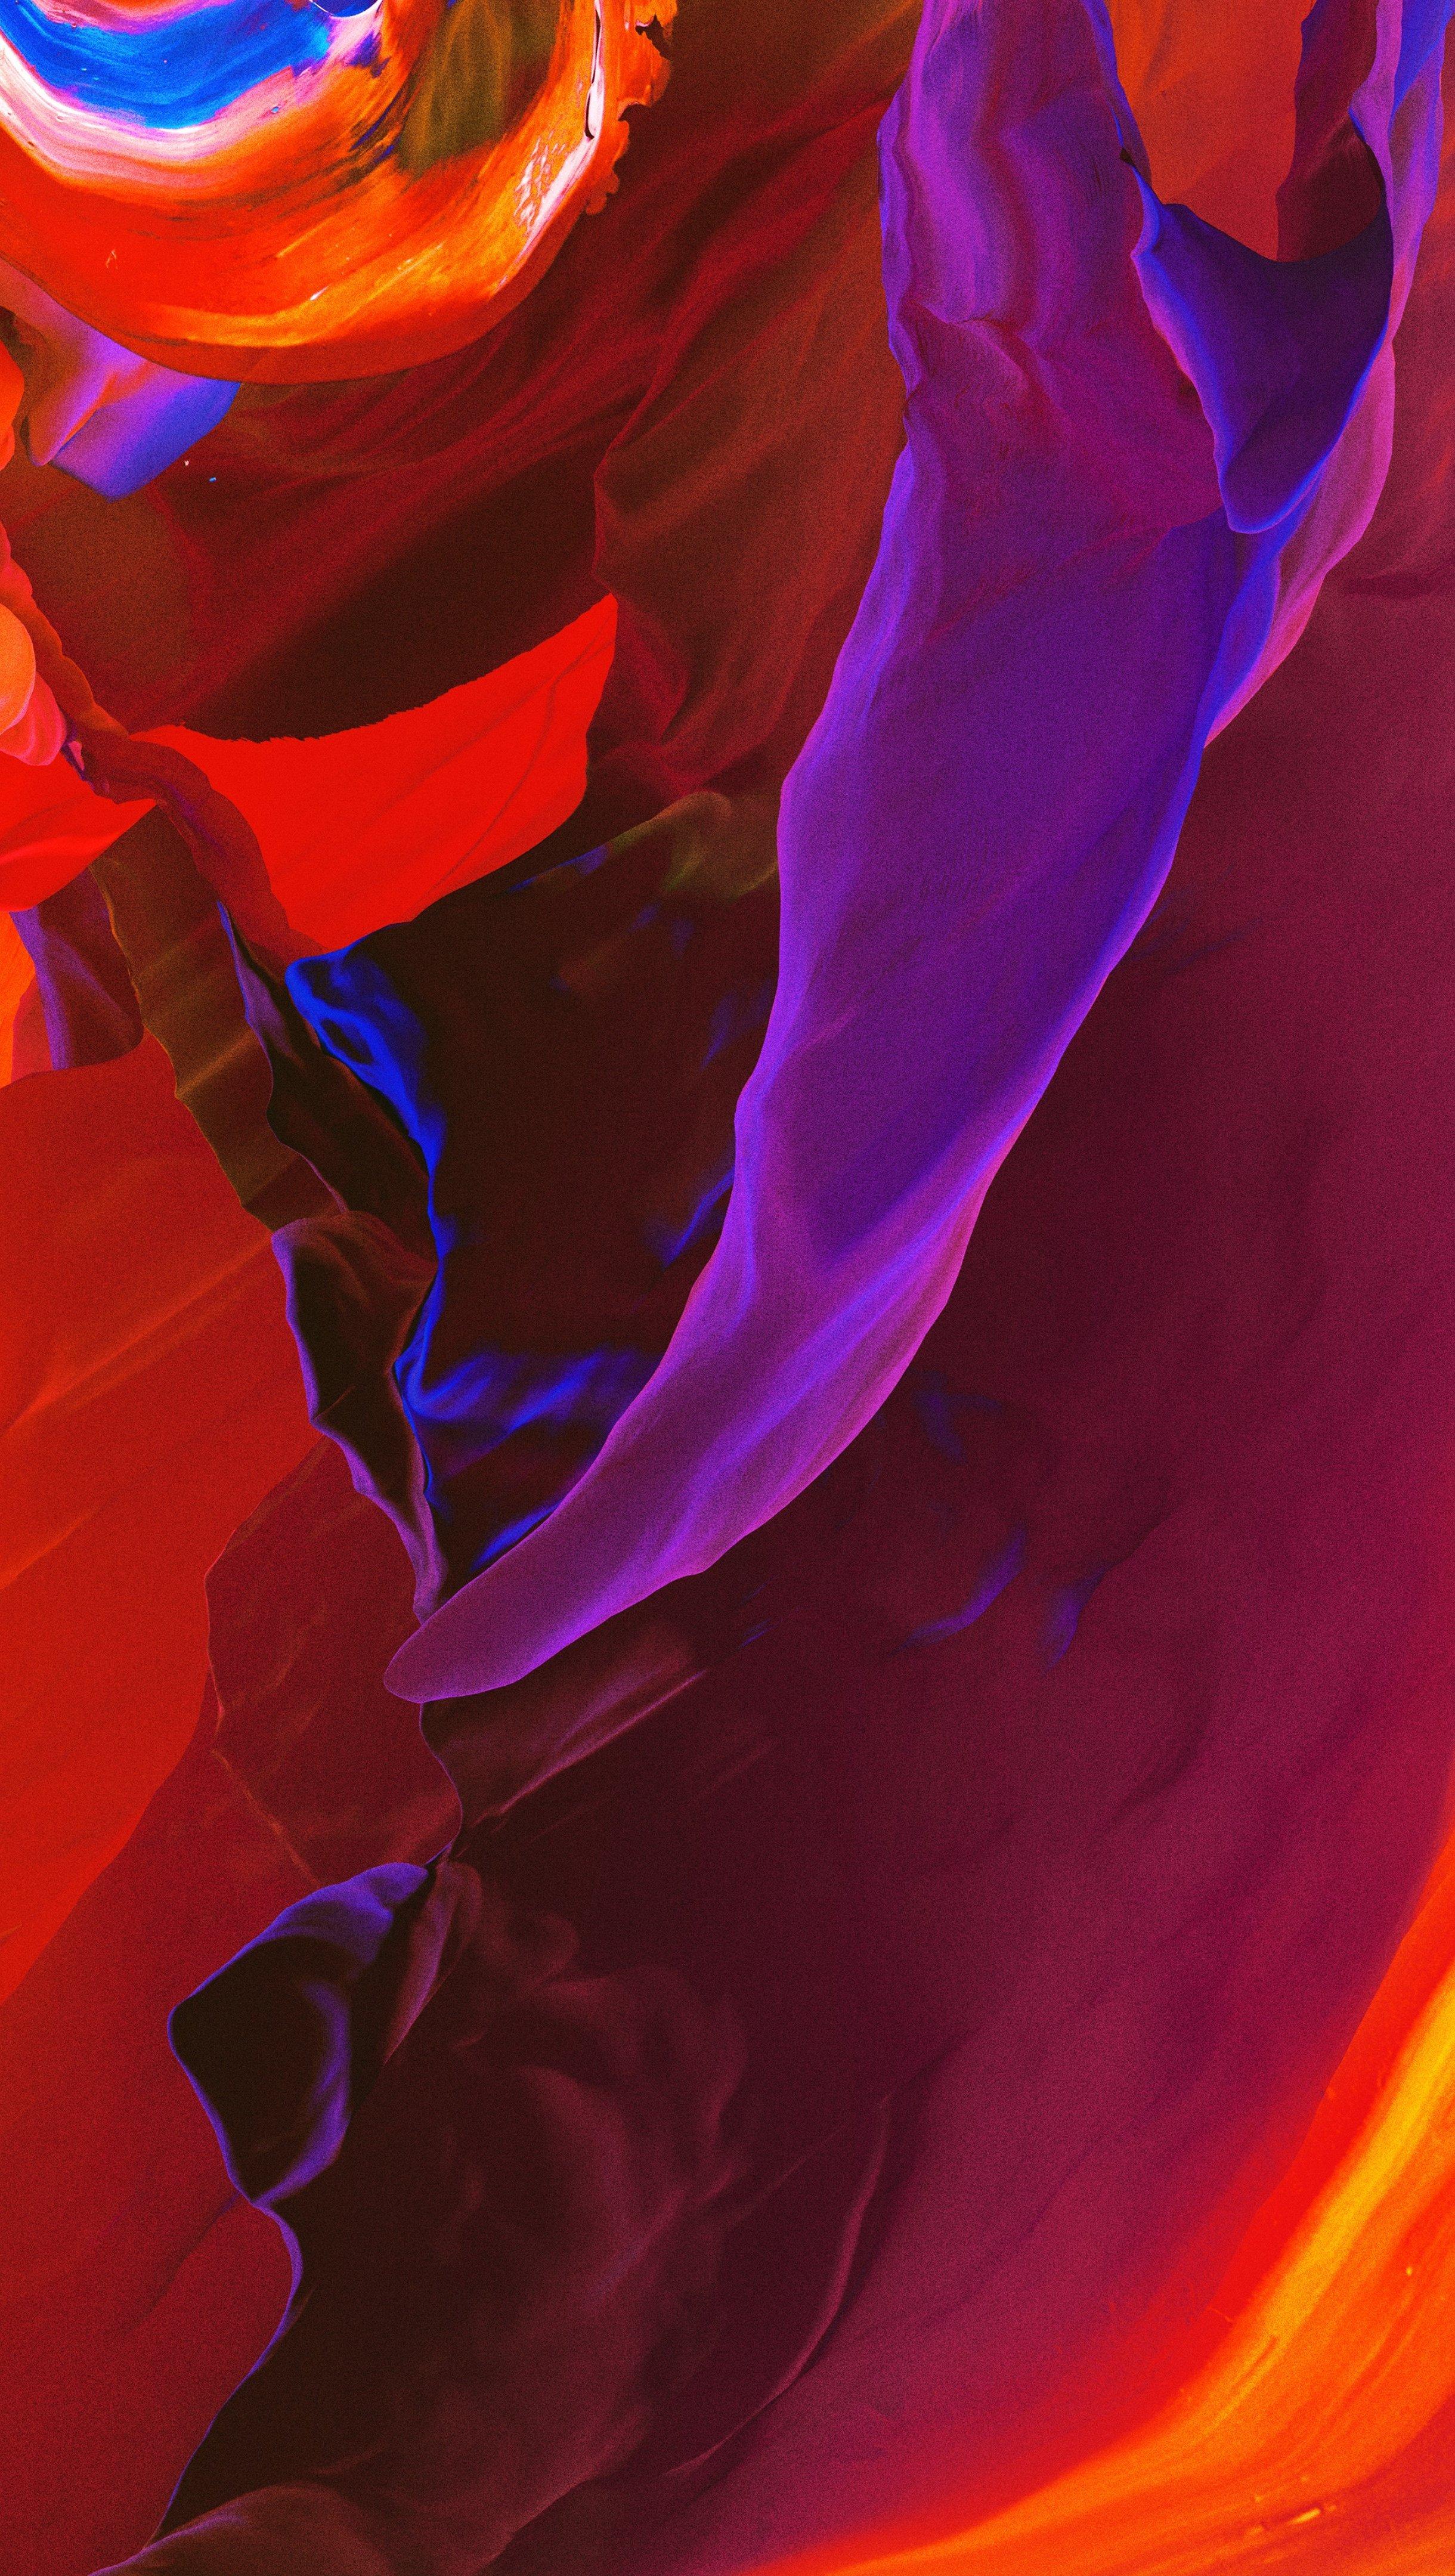 Fondos de pantalla Pinturas en figuras coloridas y abstractas Vertical